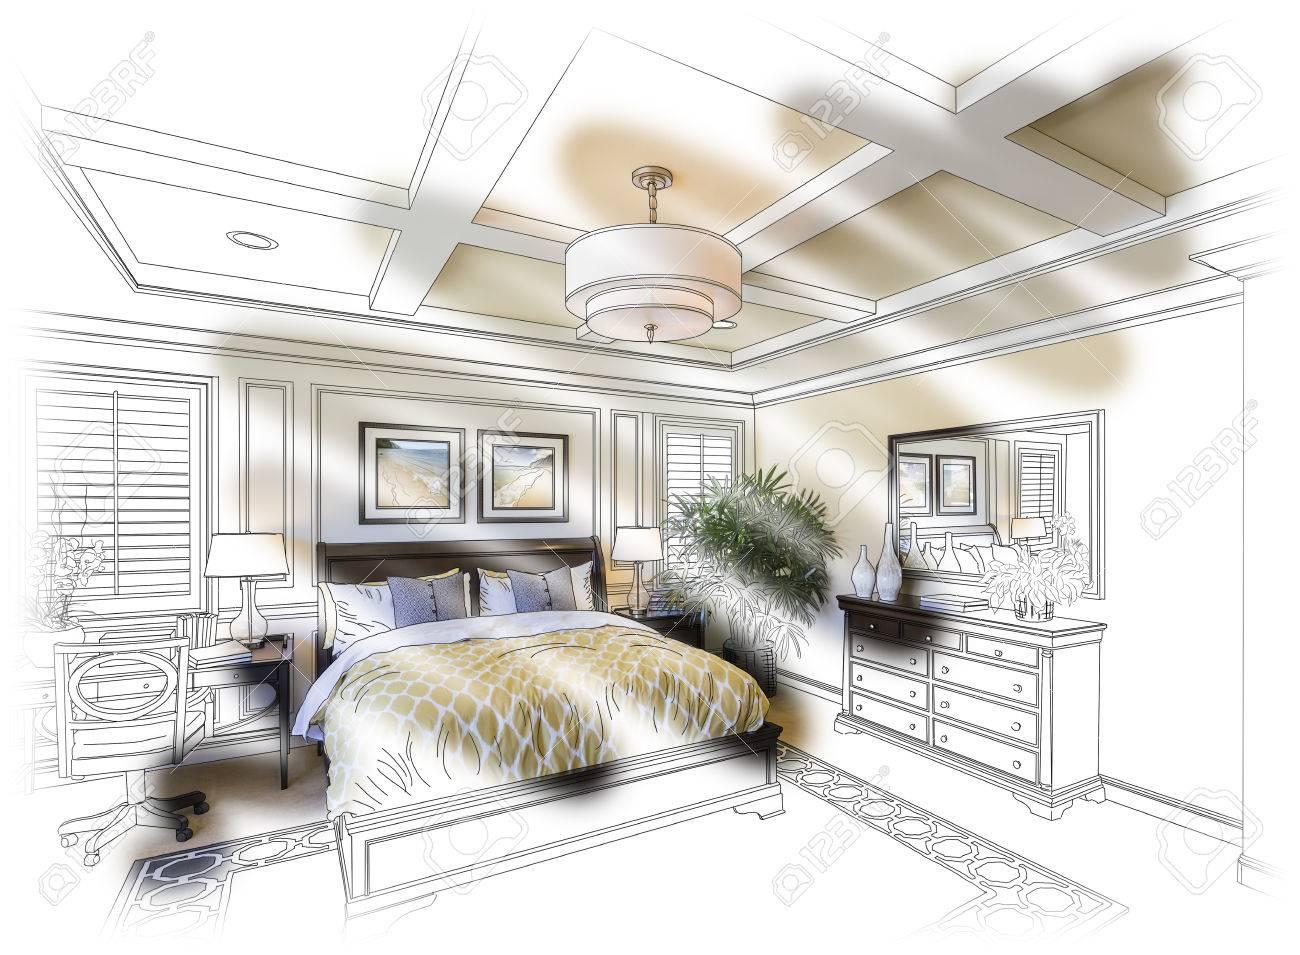 banque dimages belle chambre de custom design dessin et combinaison de photos - Dessin De Chambre